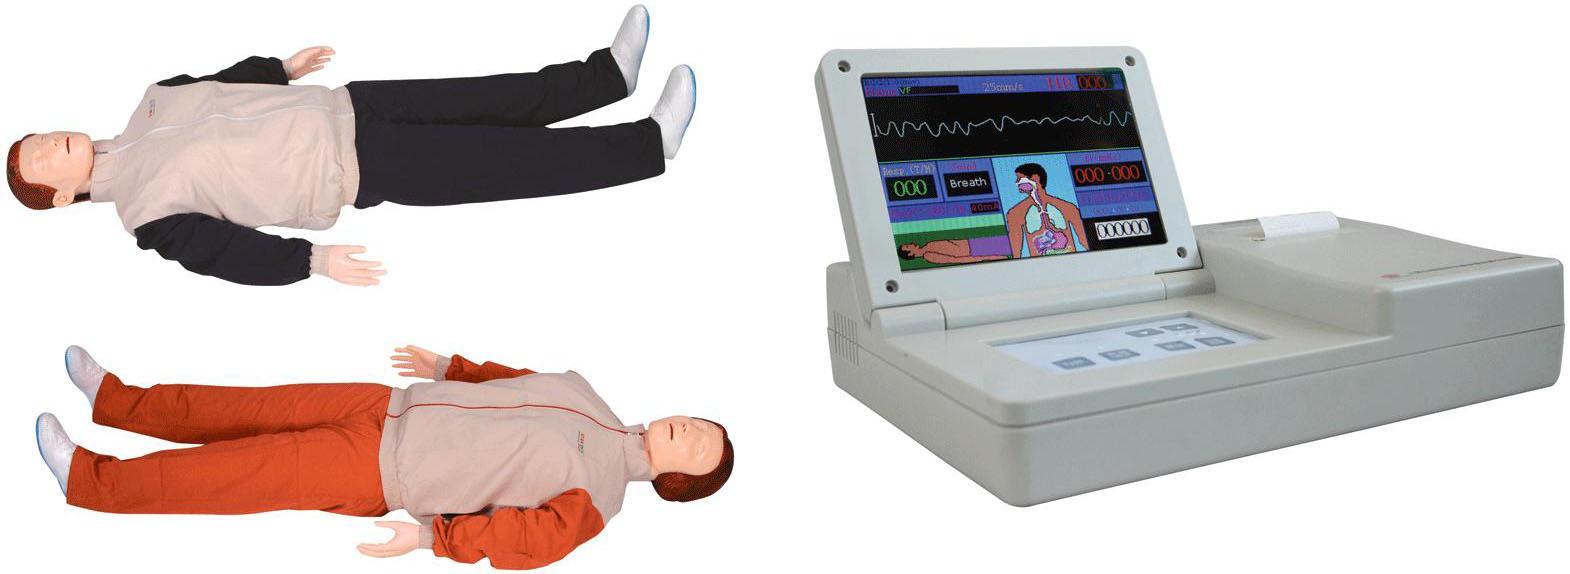 高级自动电脑心肺复苏模拟人(大屏幕液晶彩显、IC卡管理软件)GD/CPR10400-C该产品在GD/CPR10400的基础上,功能全面升级,大屏彩晶显示,更加生动形象,结合2010国际心肺复苏标准,强化胸外按压的重要性,使用新一代材料,更加符合现实临床CPR操作要求。